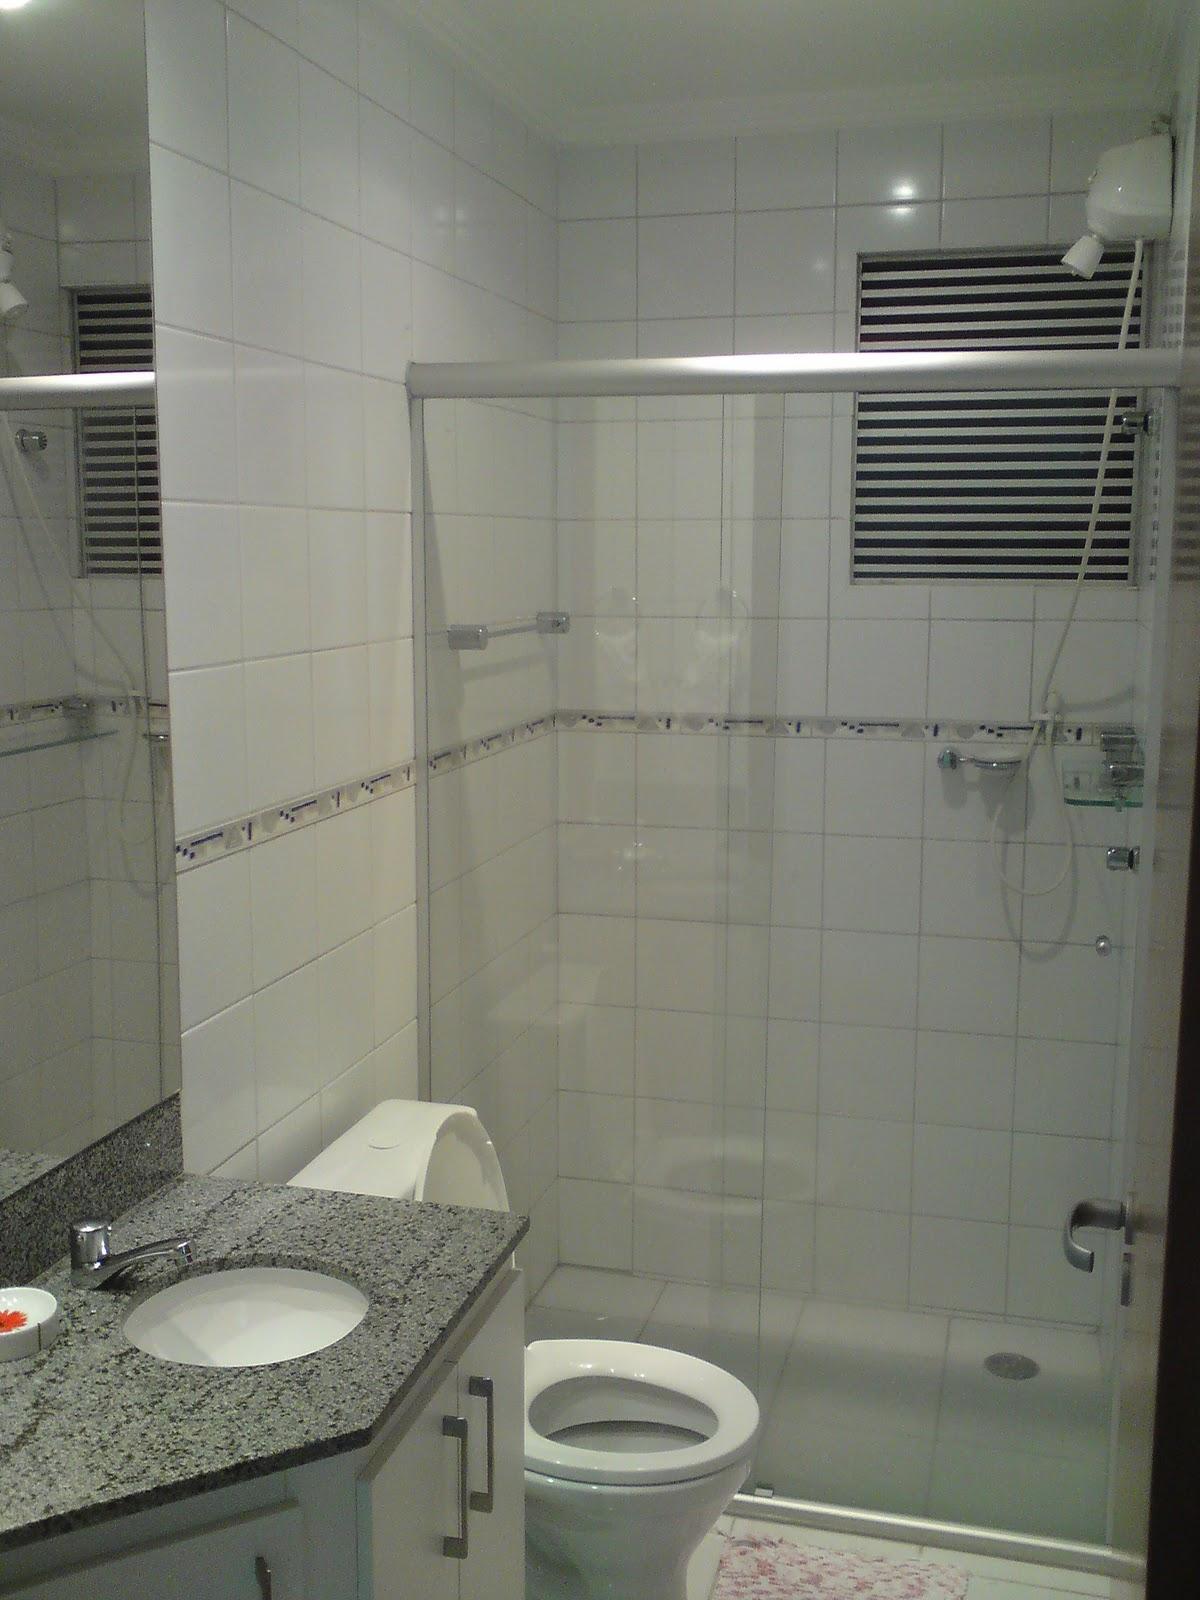 COM DECORAÇÃO EM GESSO NO TETO #6F7358 1200x1600 Armario Banheiro Blindex